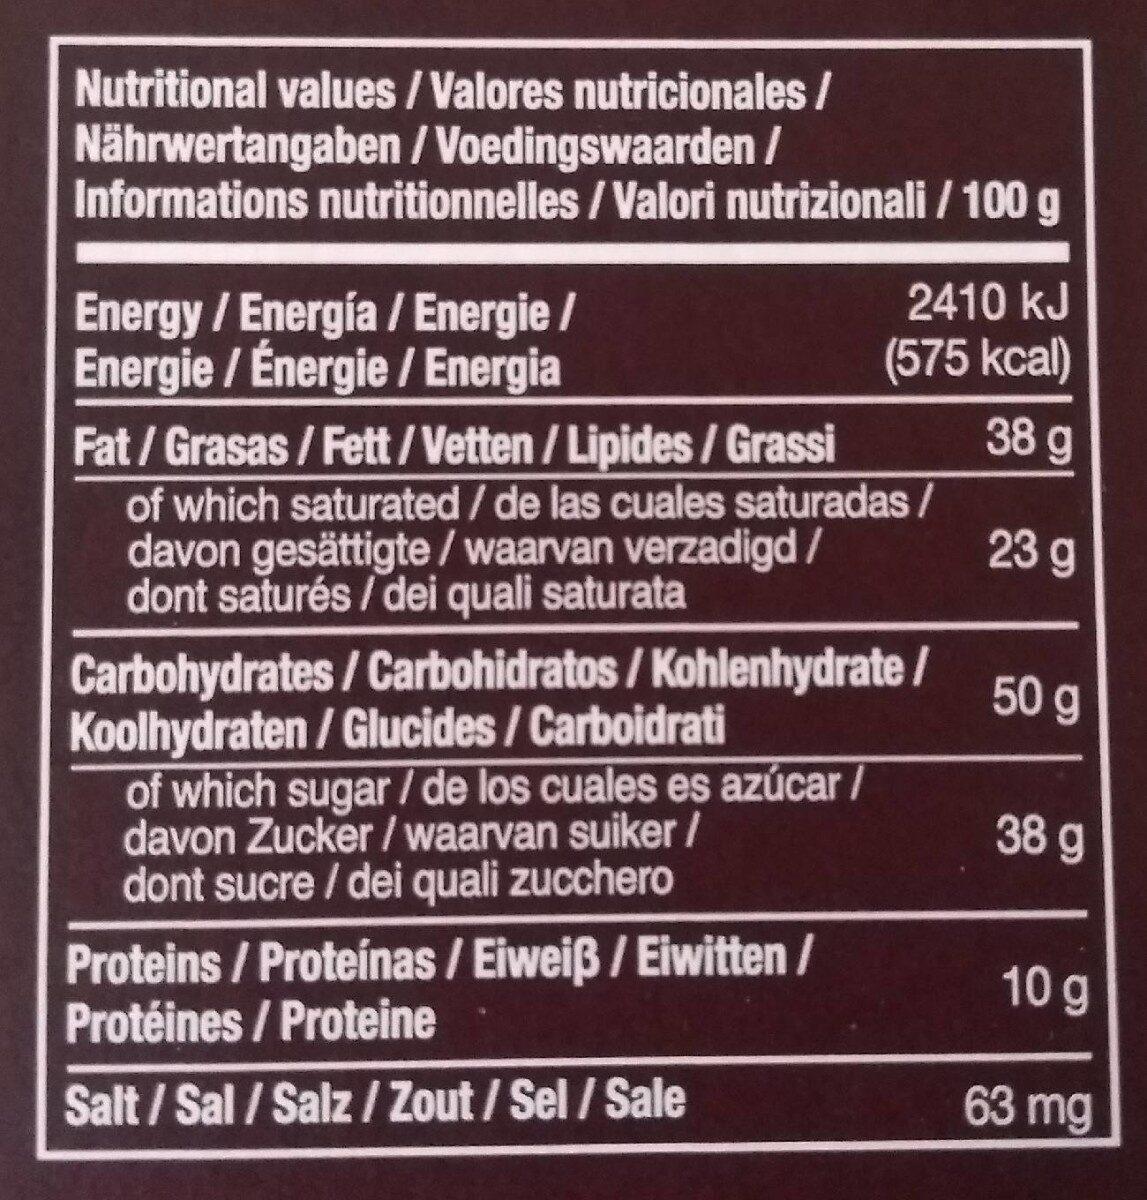 Chocolate 66% cacao fino de aroma - Información nutricional - es